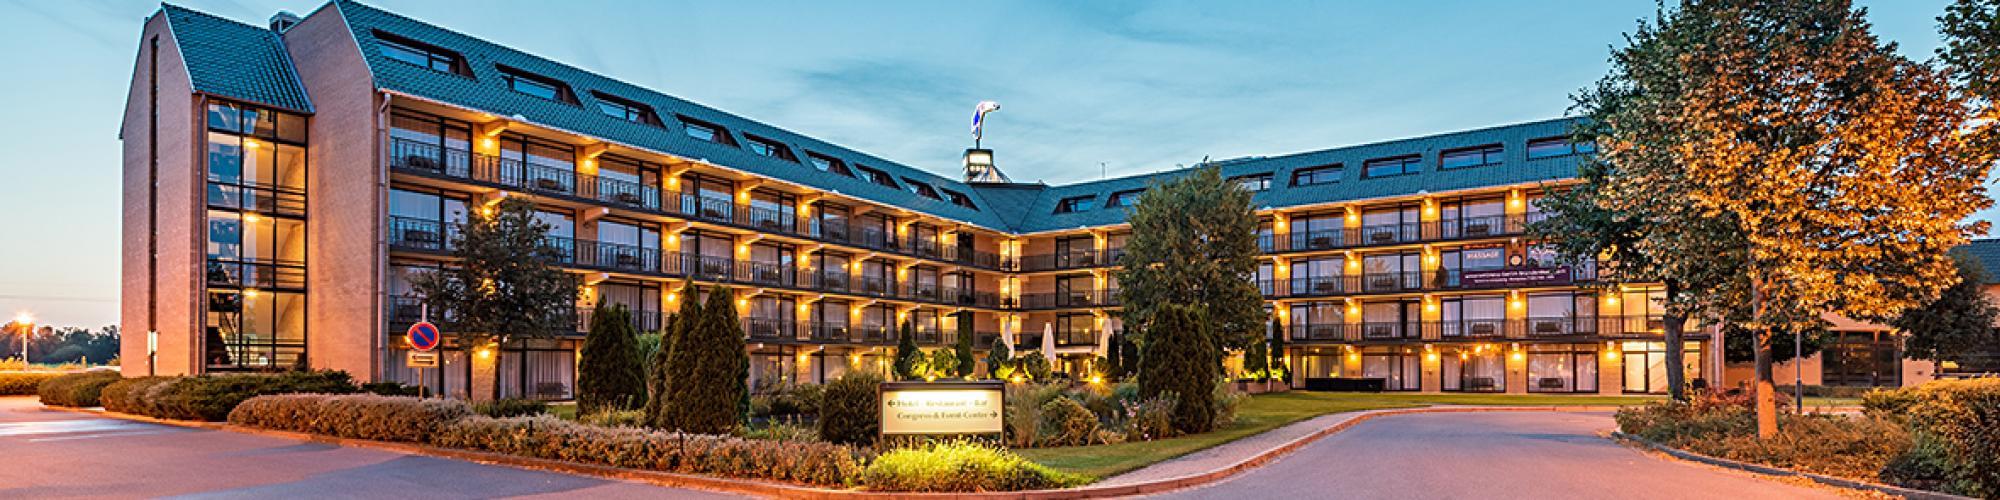 Van der Valk Hotel Berlin Brandenburg GmbH